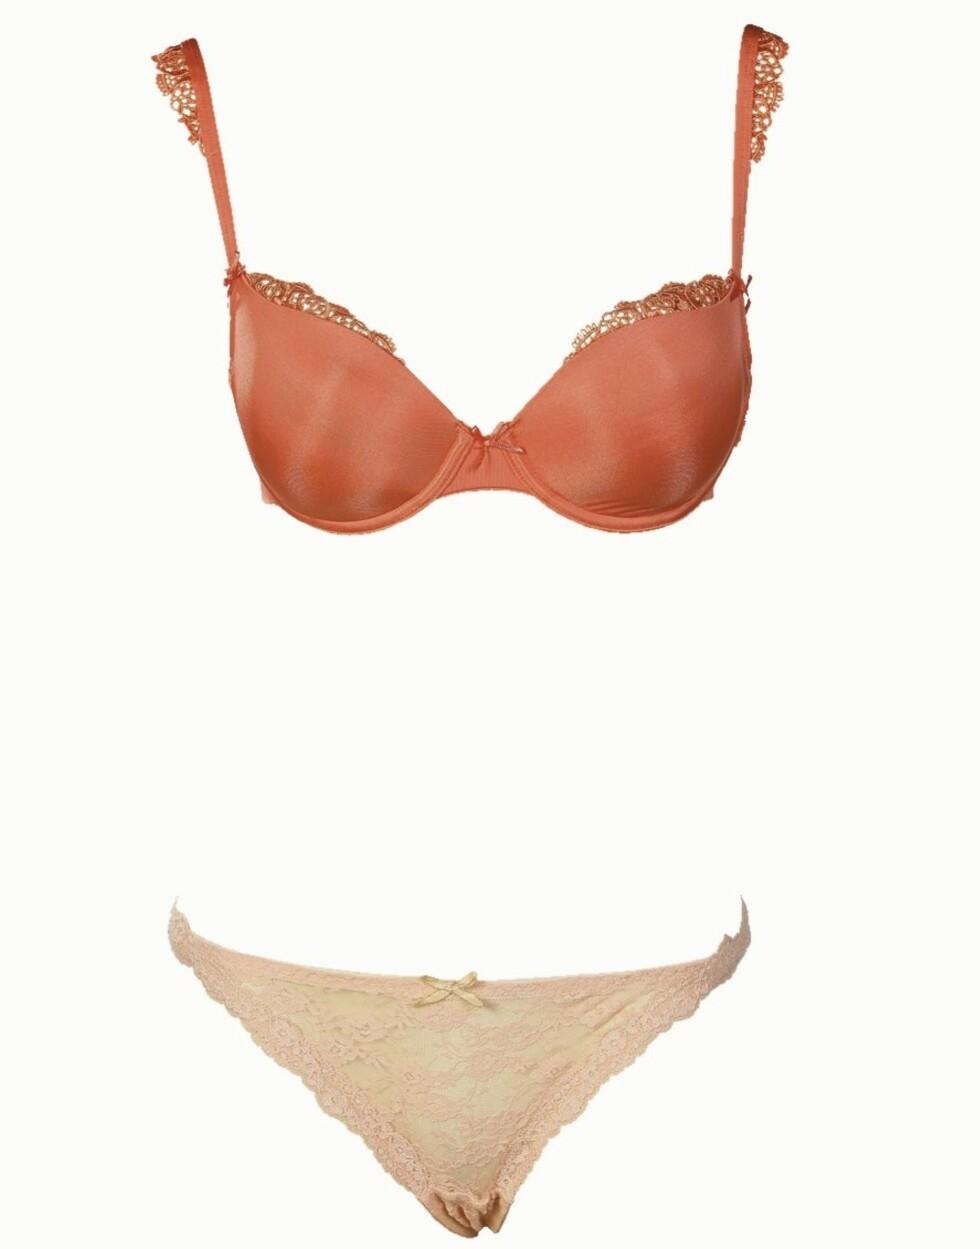 VARME FARGER: Lakserød bh (kr 200, Lindex) og aprikosfarget string (kr 60, Cubus).